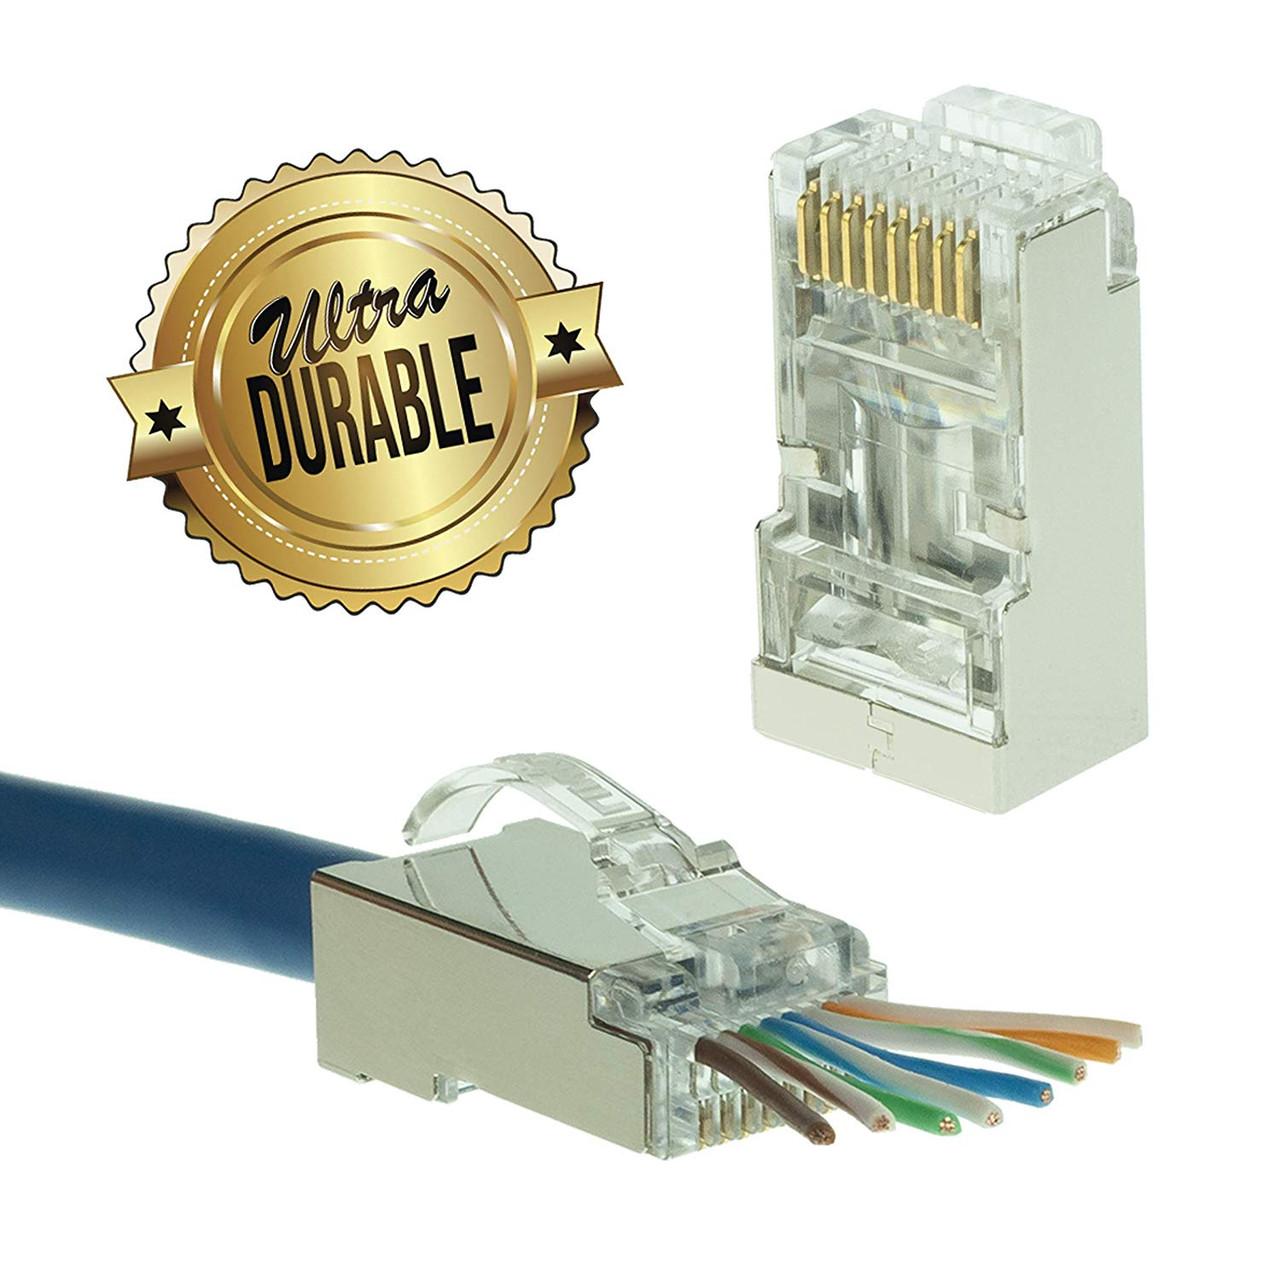 100Pack RJ45 Network Cable Modular Plug CAT5e 8P8C Connector End Pass Through EZ